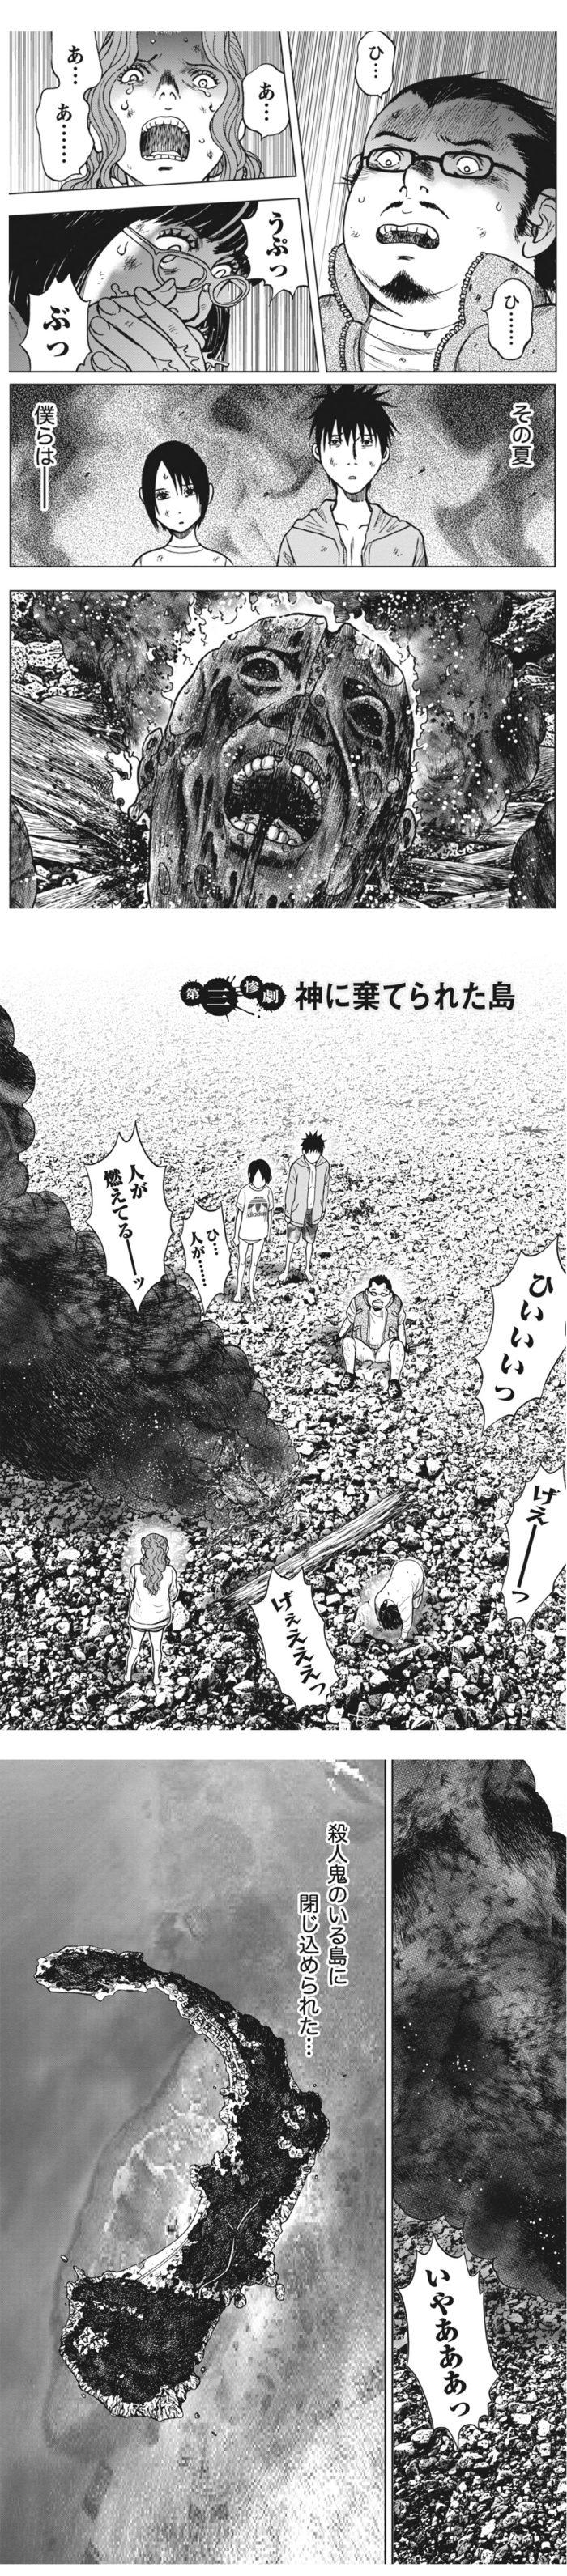 kichikujima03a-1-2